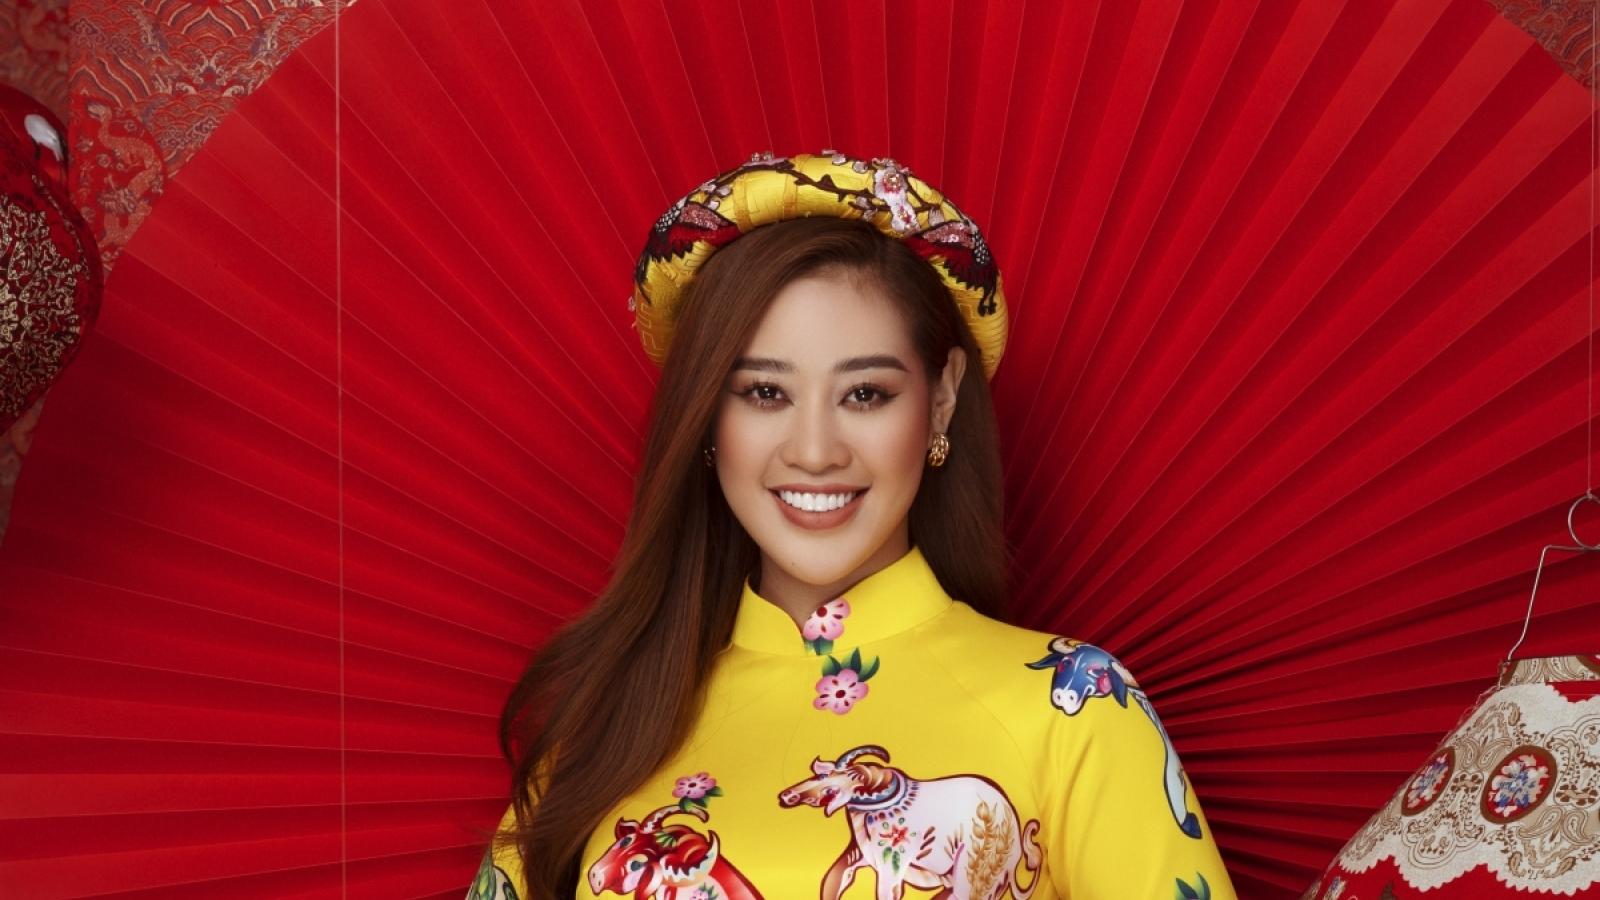 """Hoa hậu Khánh Vân: """"Tôi thích không khí của Tết xưa hơn"""""""